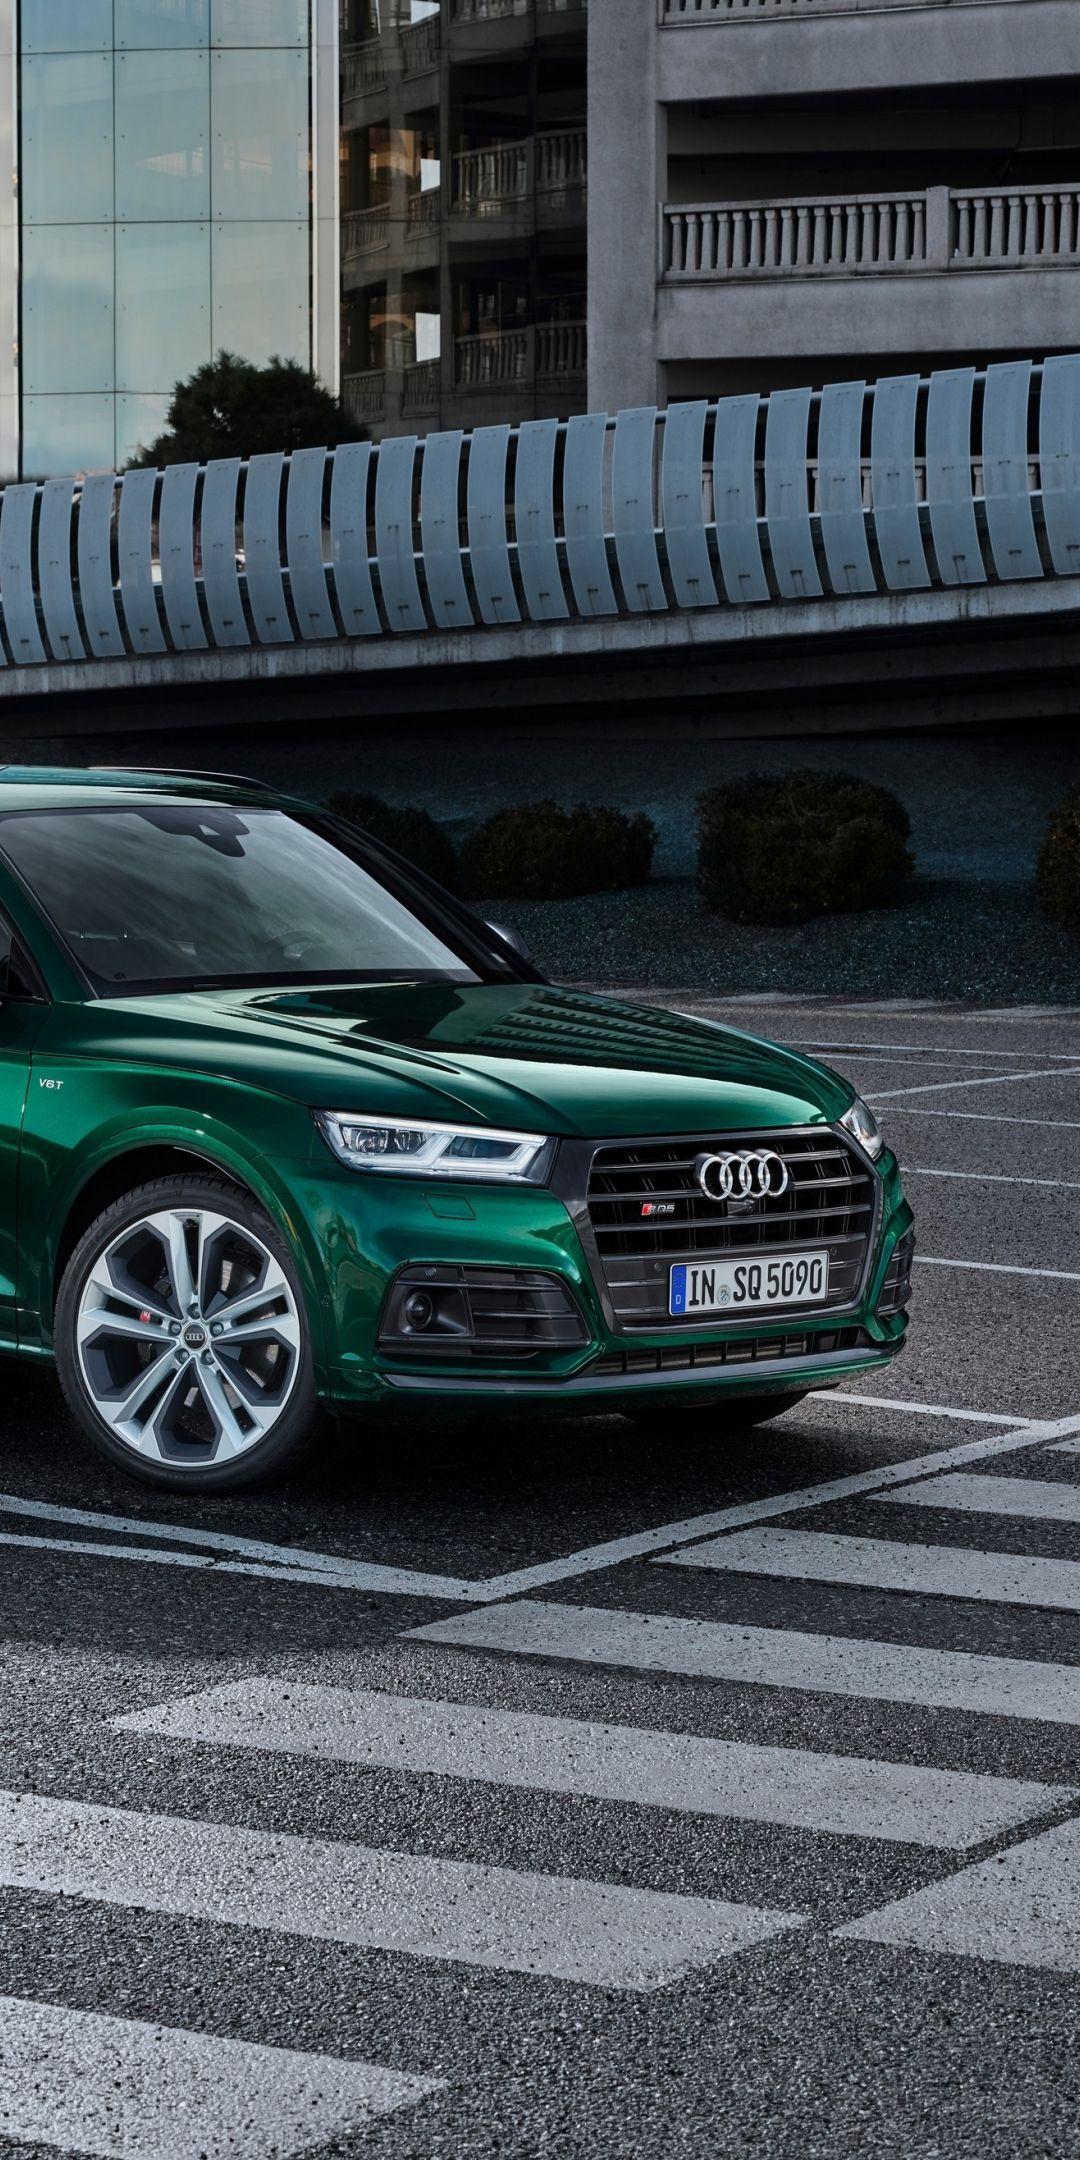 Luxurious Suv Audi Sq5 Green 1080x2160 Wallpaper Audi Sq5 Stunning Wallpapers